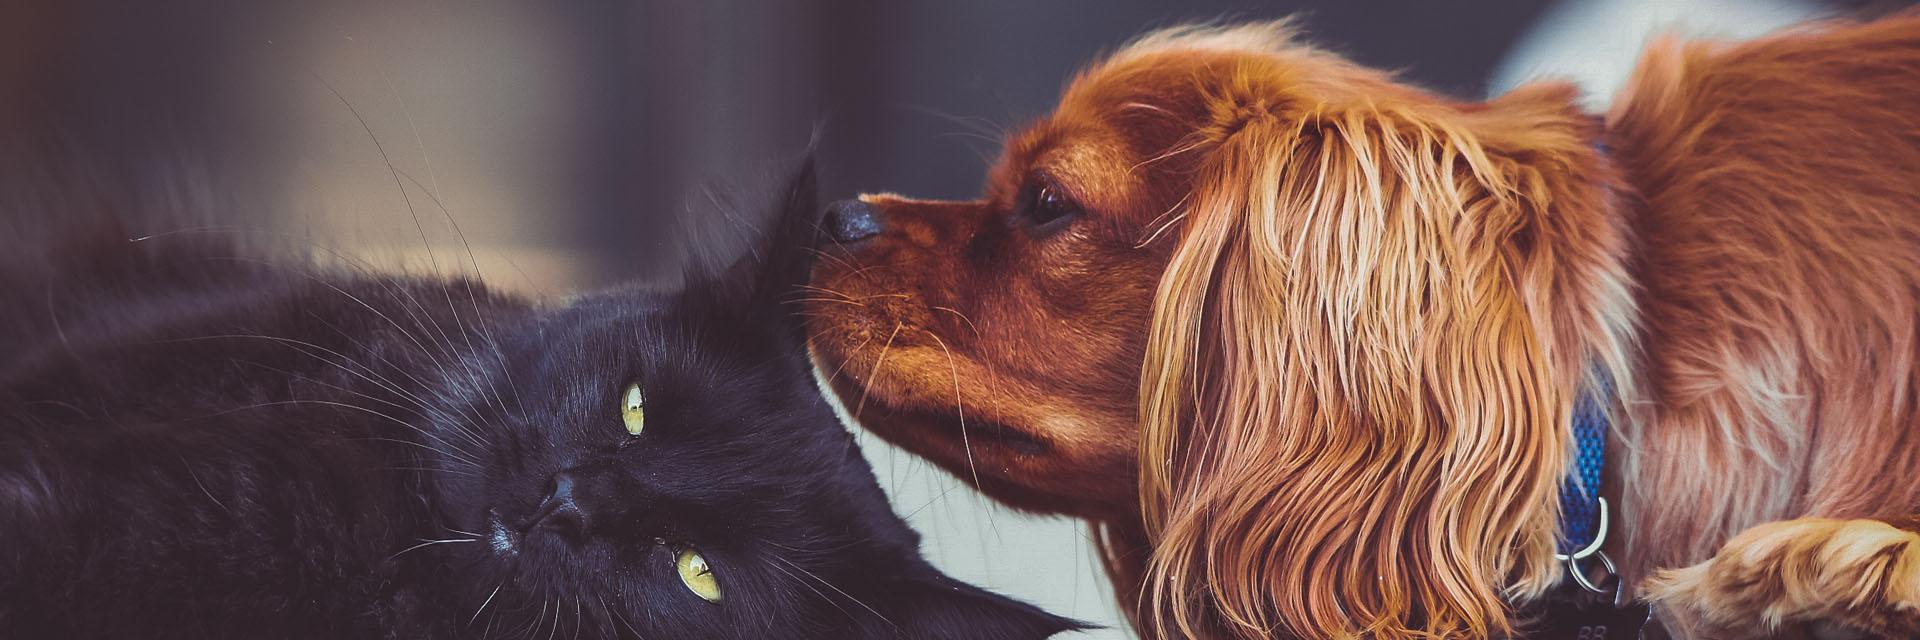 Dog Sniffing a Cat - Faulkville Animal Hospital - Bloomingdale, GA